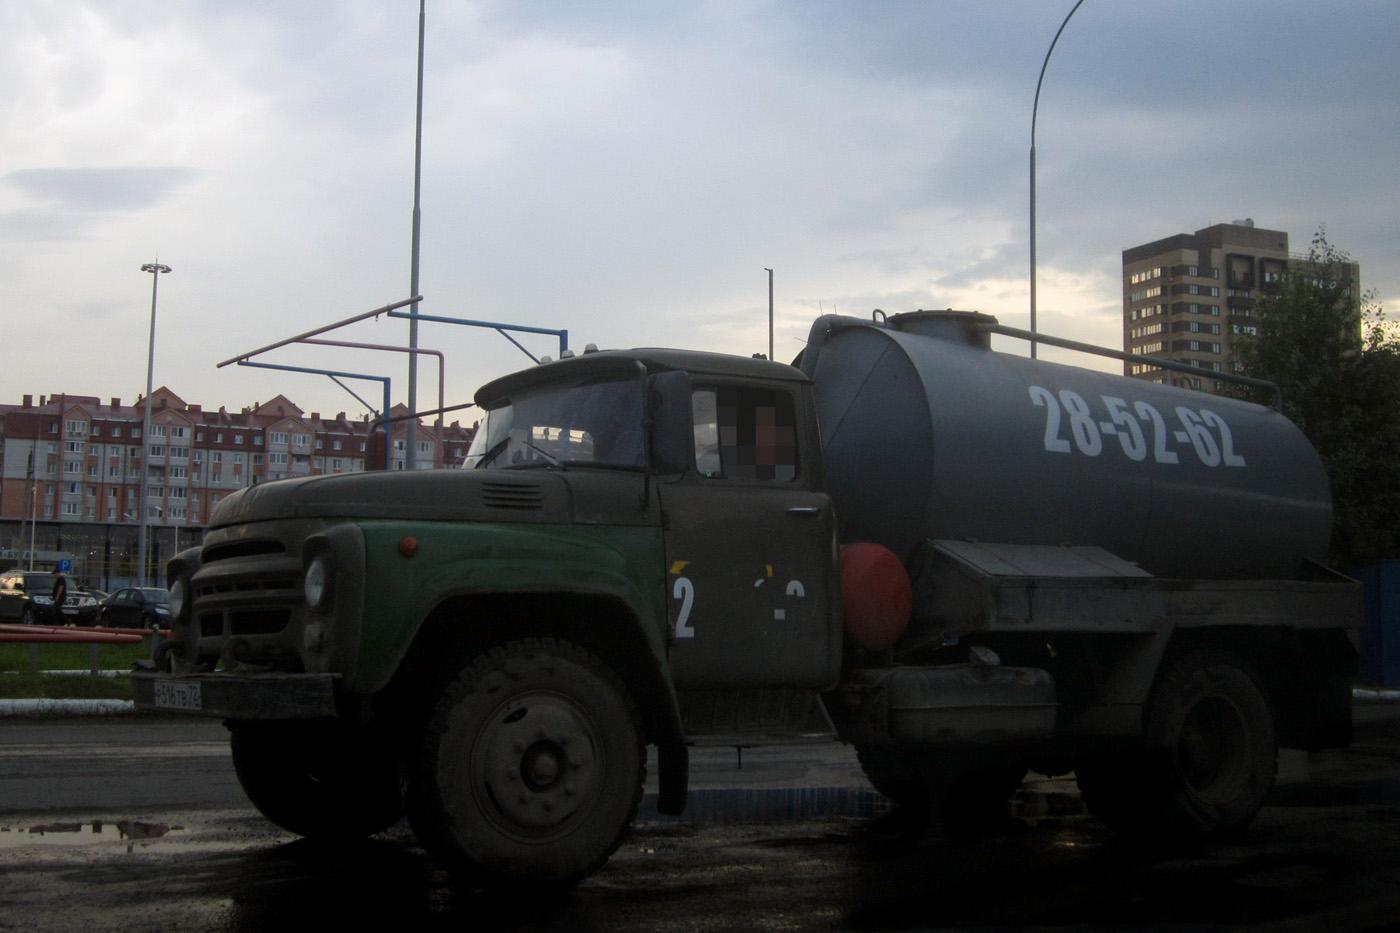 Цистерна для перевозки сжиженного газа на шасси ЗиЛ-431410 #Р 516 ТВ 72 . Тюмень, Тобольский тракт